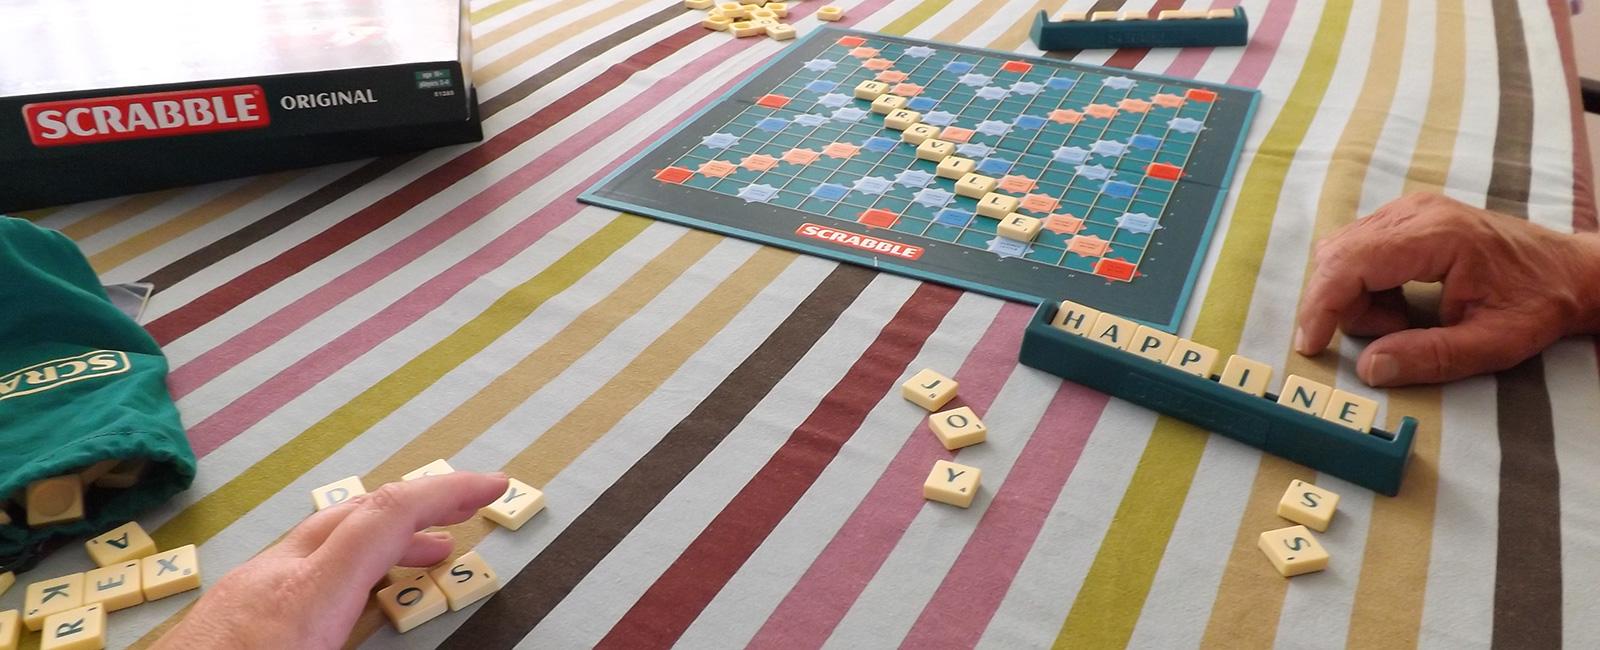 bergville-scrabble-games